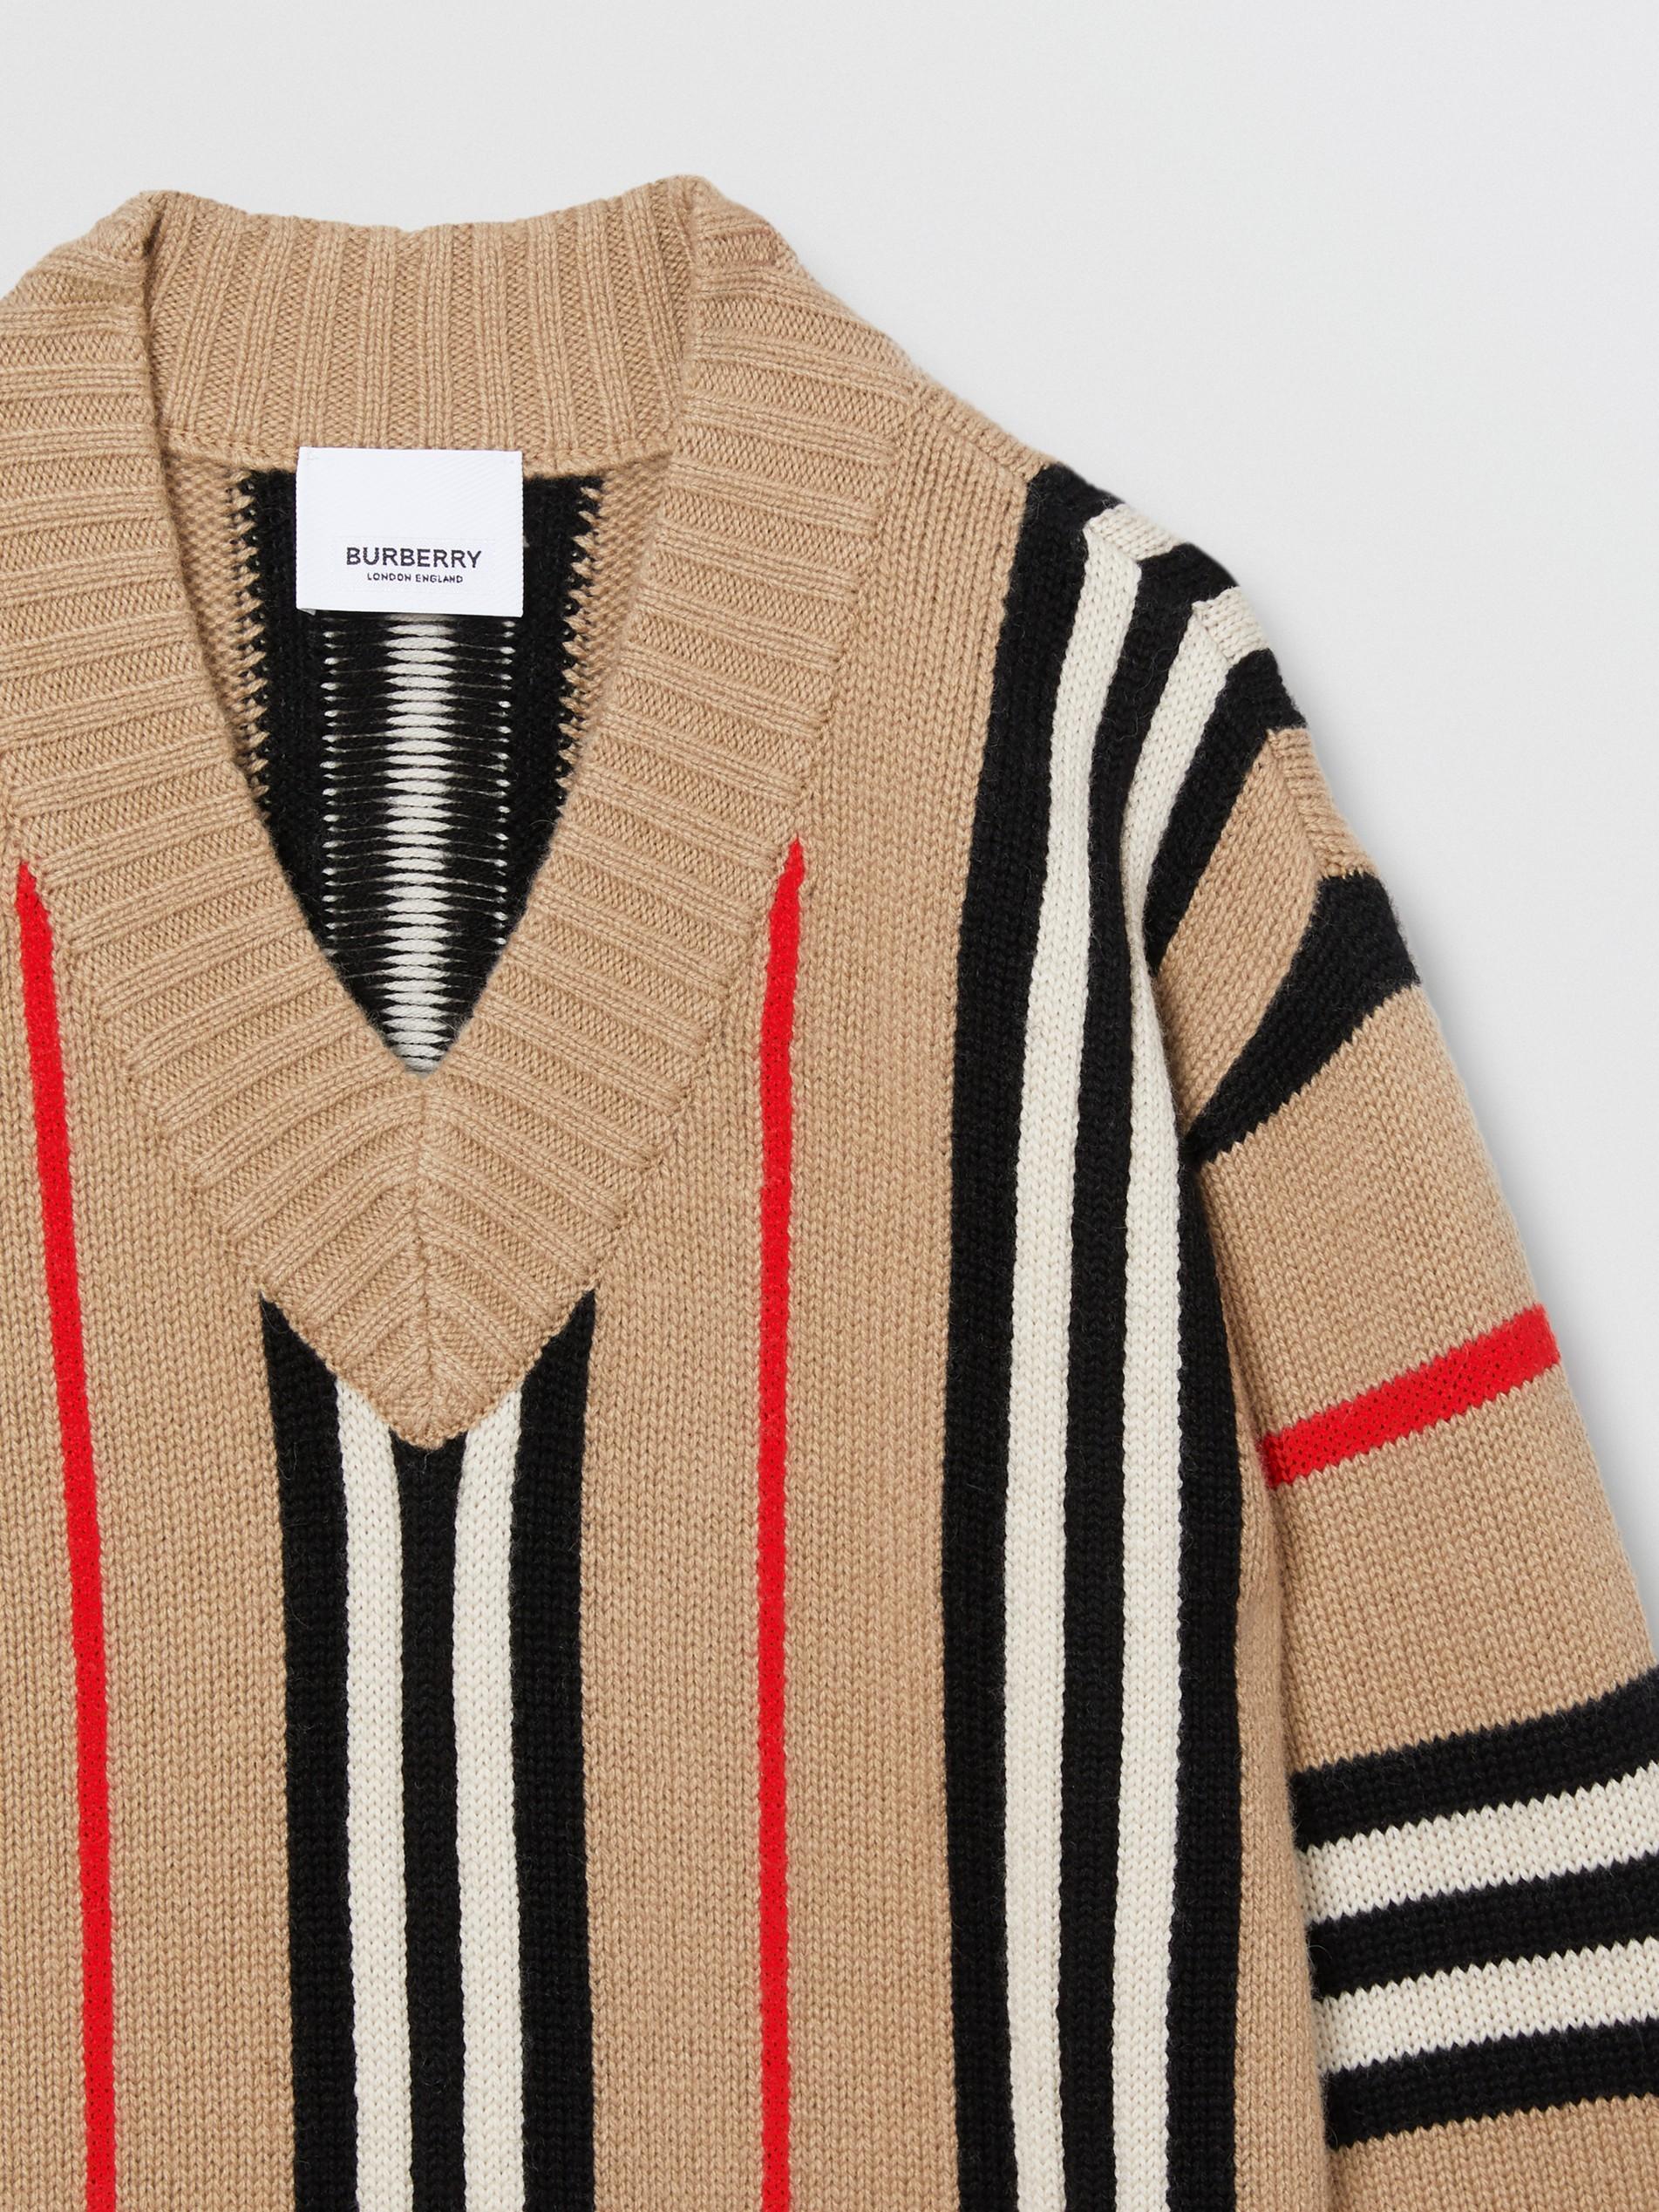 针织提花面料图片_标志性条纹羊毛混纺提花针织裙 (典藏米色) | Burberry 博柏利